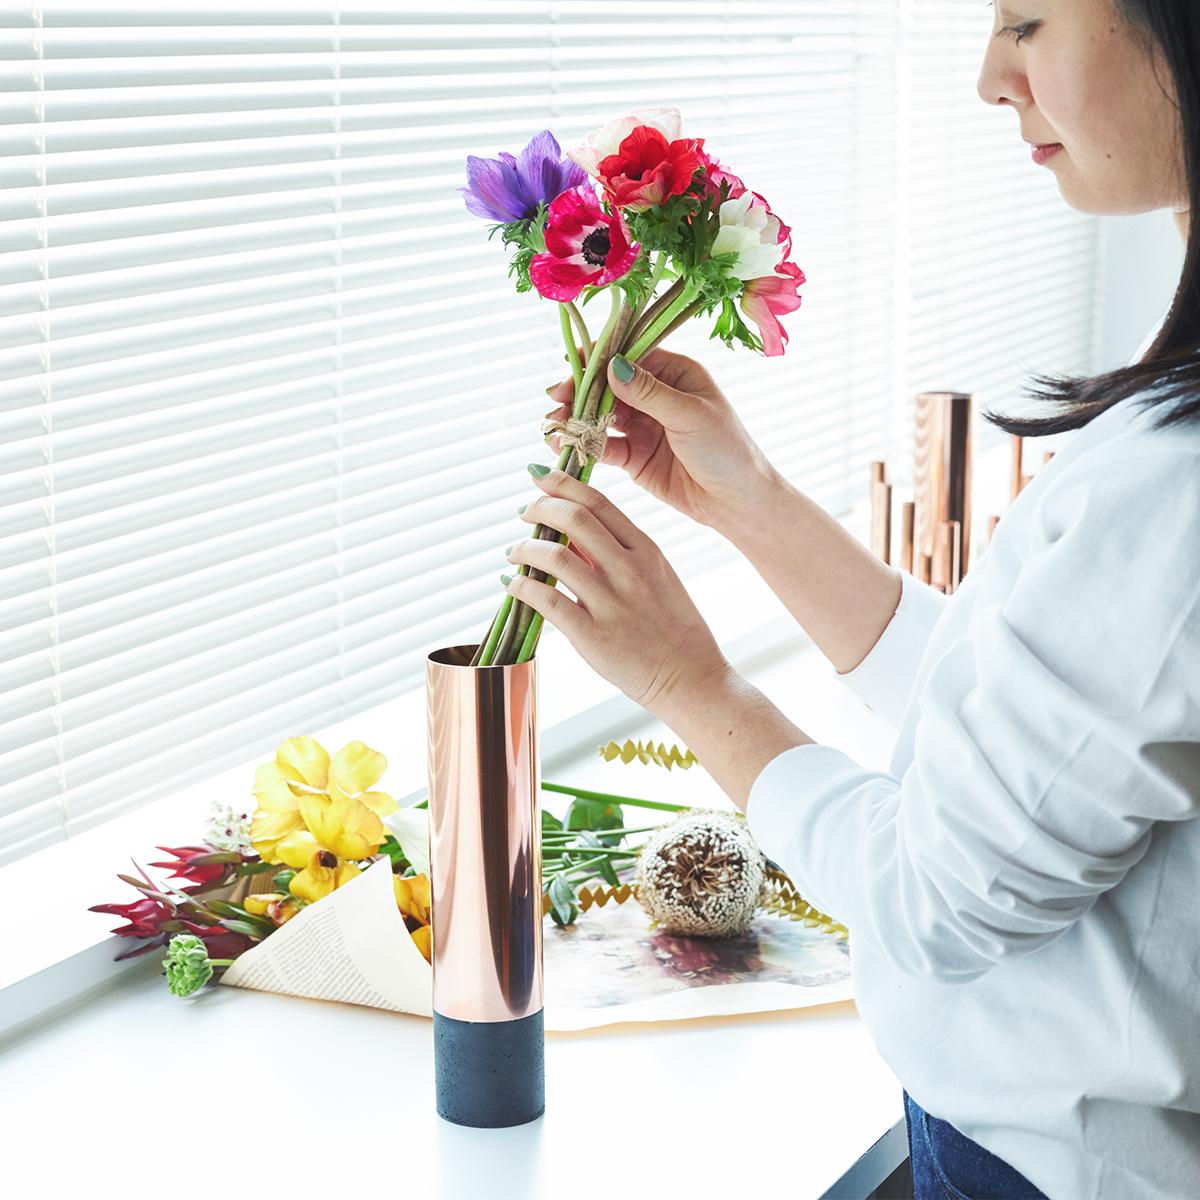 STEP2:FLAT(Natural/Black)記念日や節目など、ブーケをもらう機会が多い人にぴったりなのが「FLAT」。貰ったブーケをそのまま入れるだけでいいから楽ちん。大輪の花にもおすすめです。無造作に挿すだけで「絵」になる、銅管の一輪挿し・花瓶・フラワーベース|BULBOUS